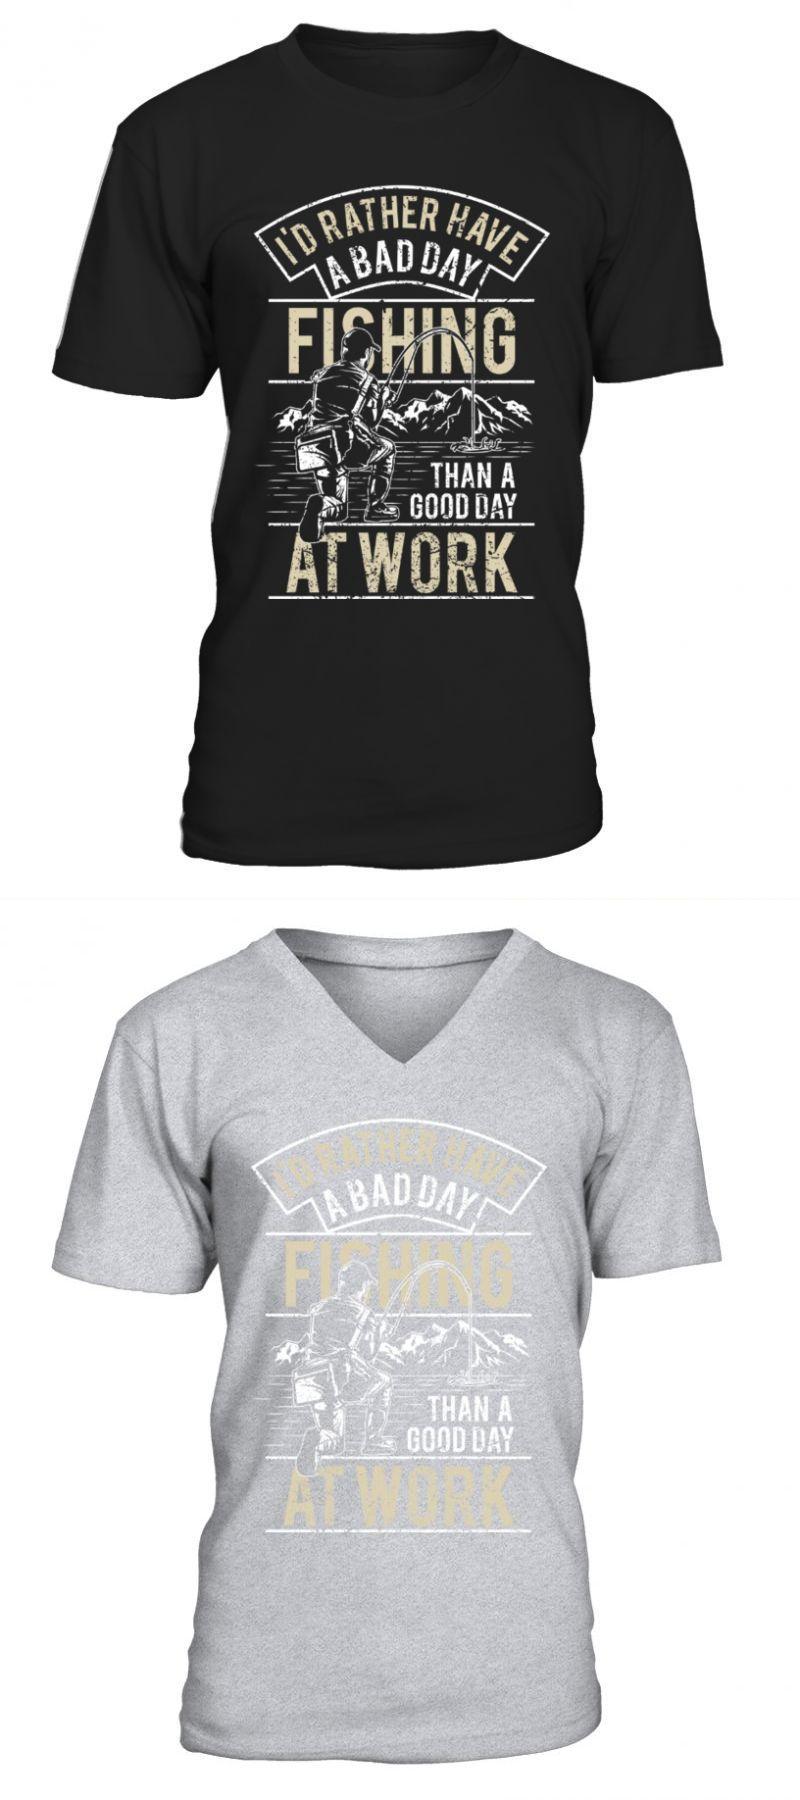 33876756b Navy st mixed martial arts shirt fishing adidas martial arts t shirt #navy # st #mixed #martial #arts #shirt #fishing #adidas #russian #round #neck #t- shirt ...